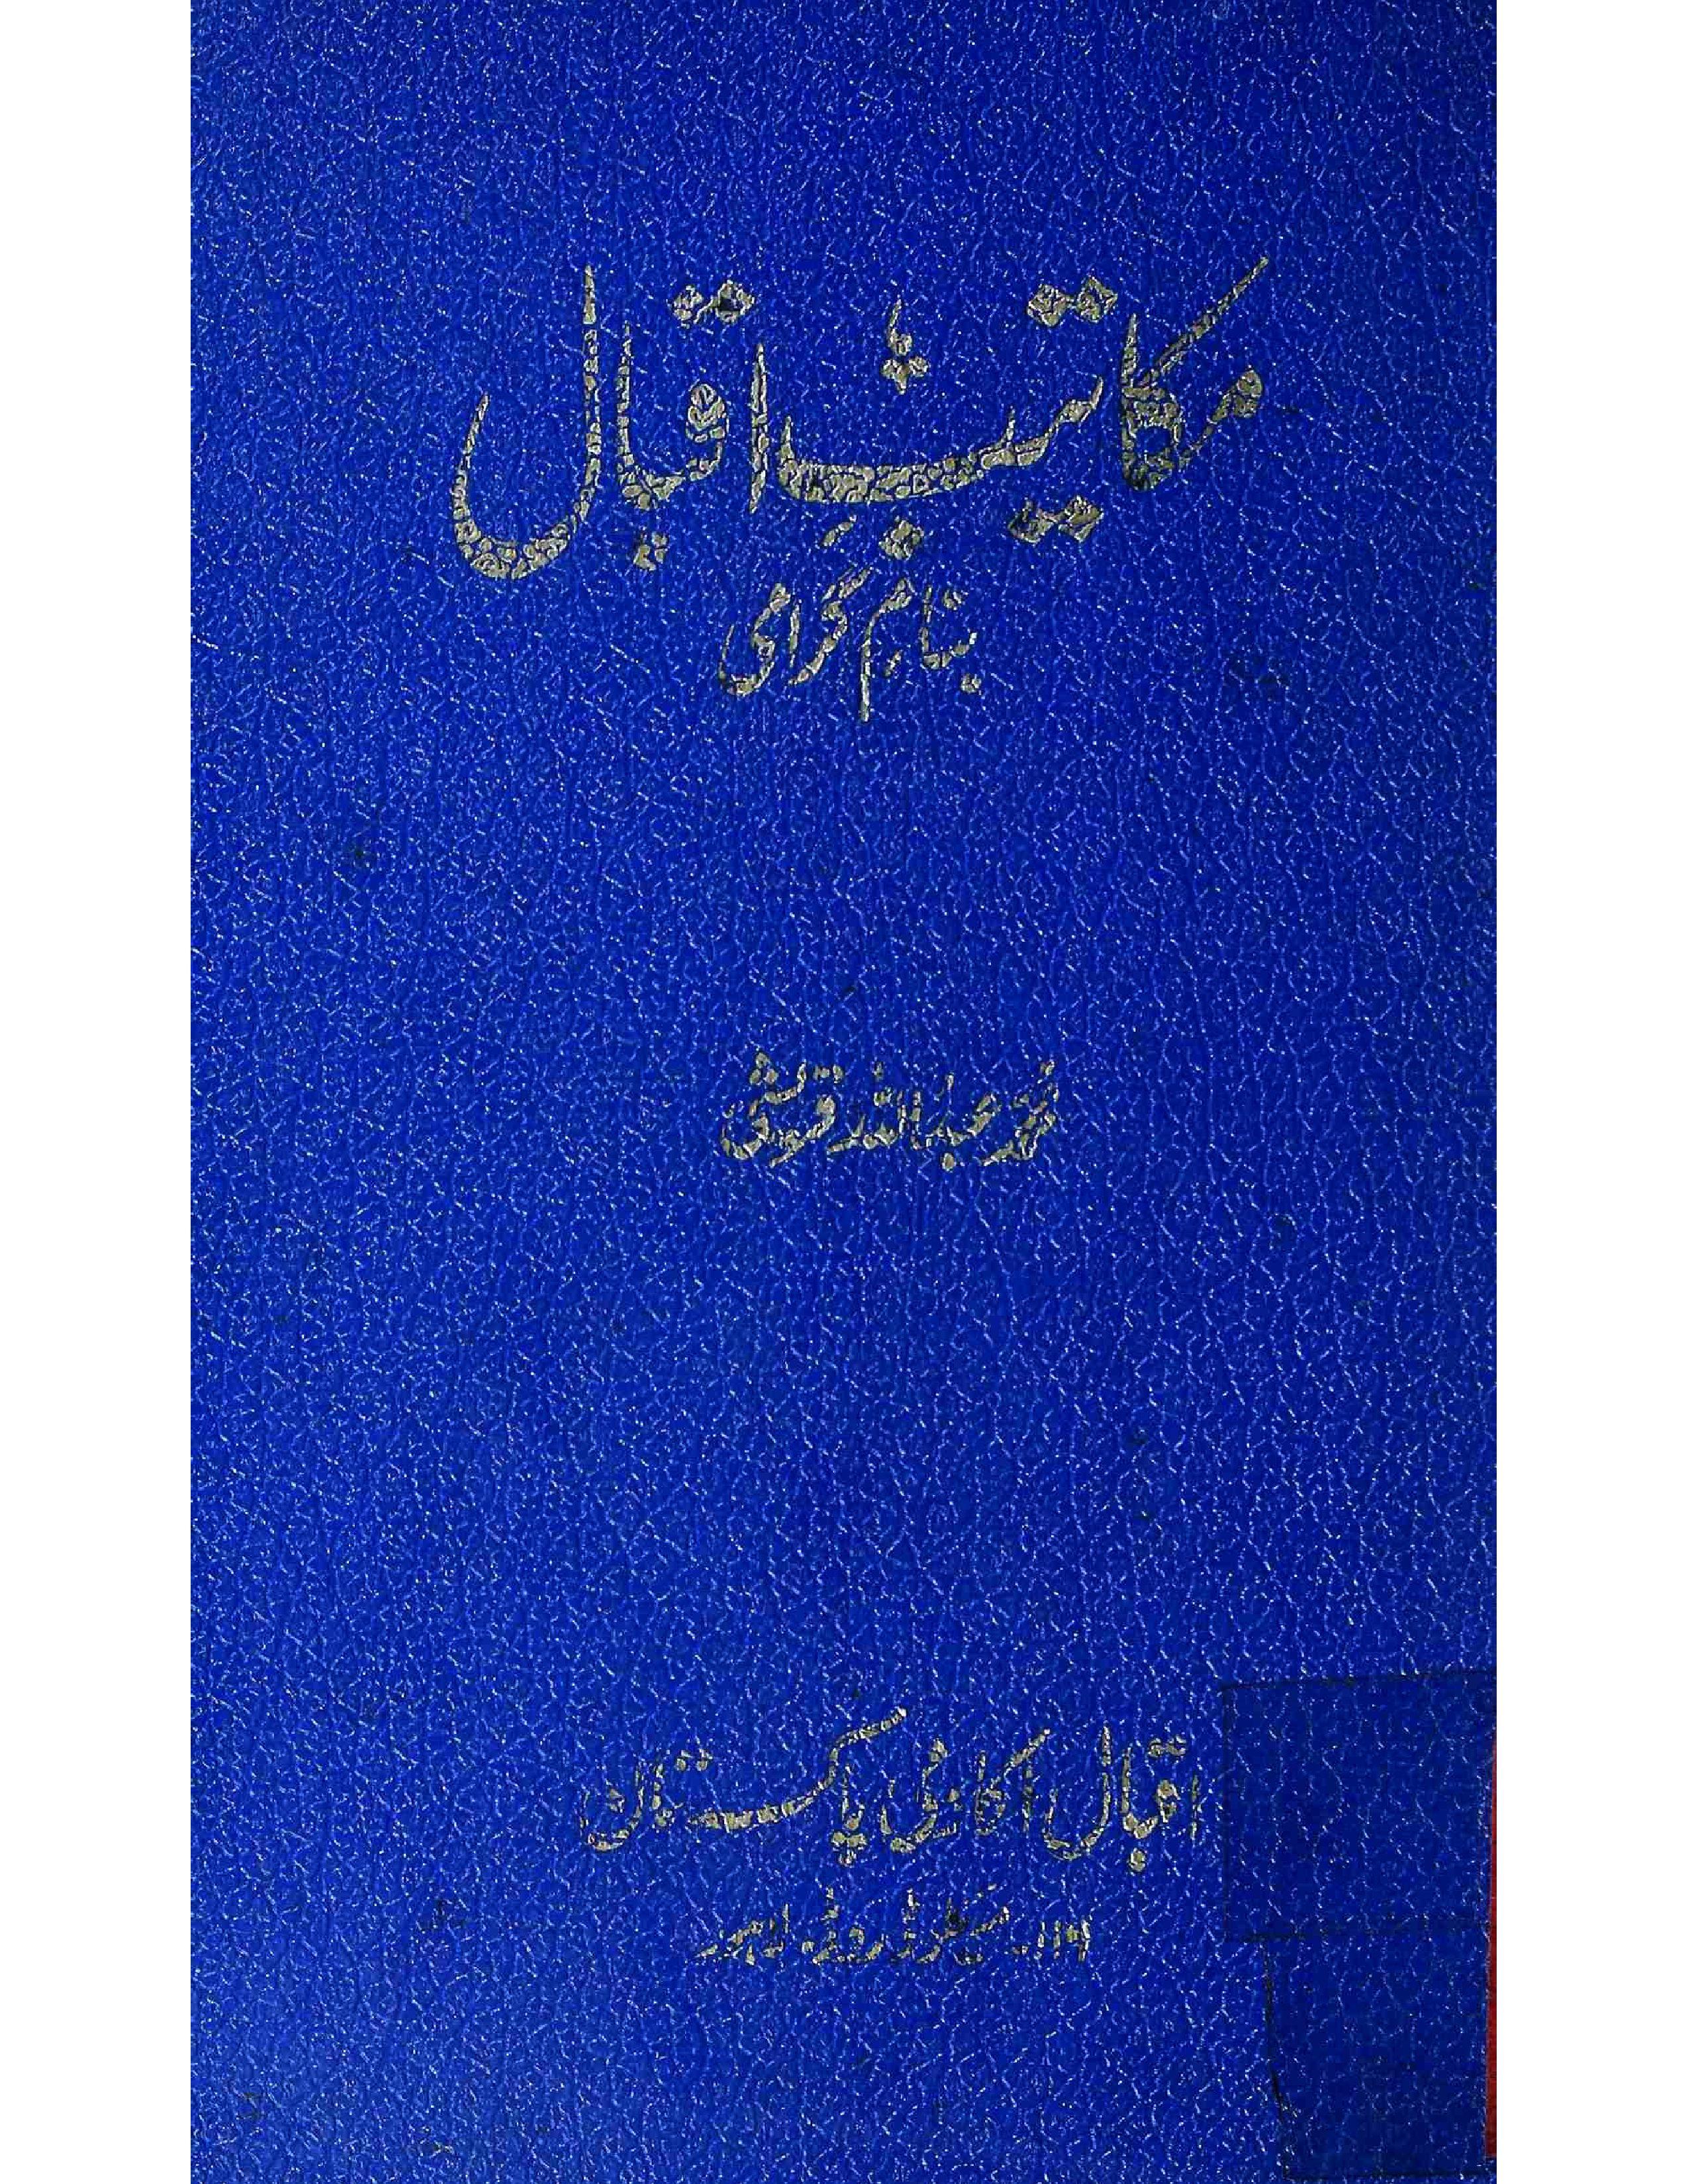 Makateeb-e-Iqbal